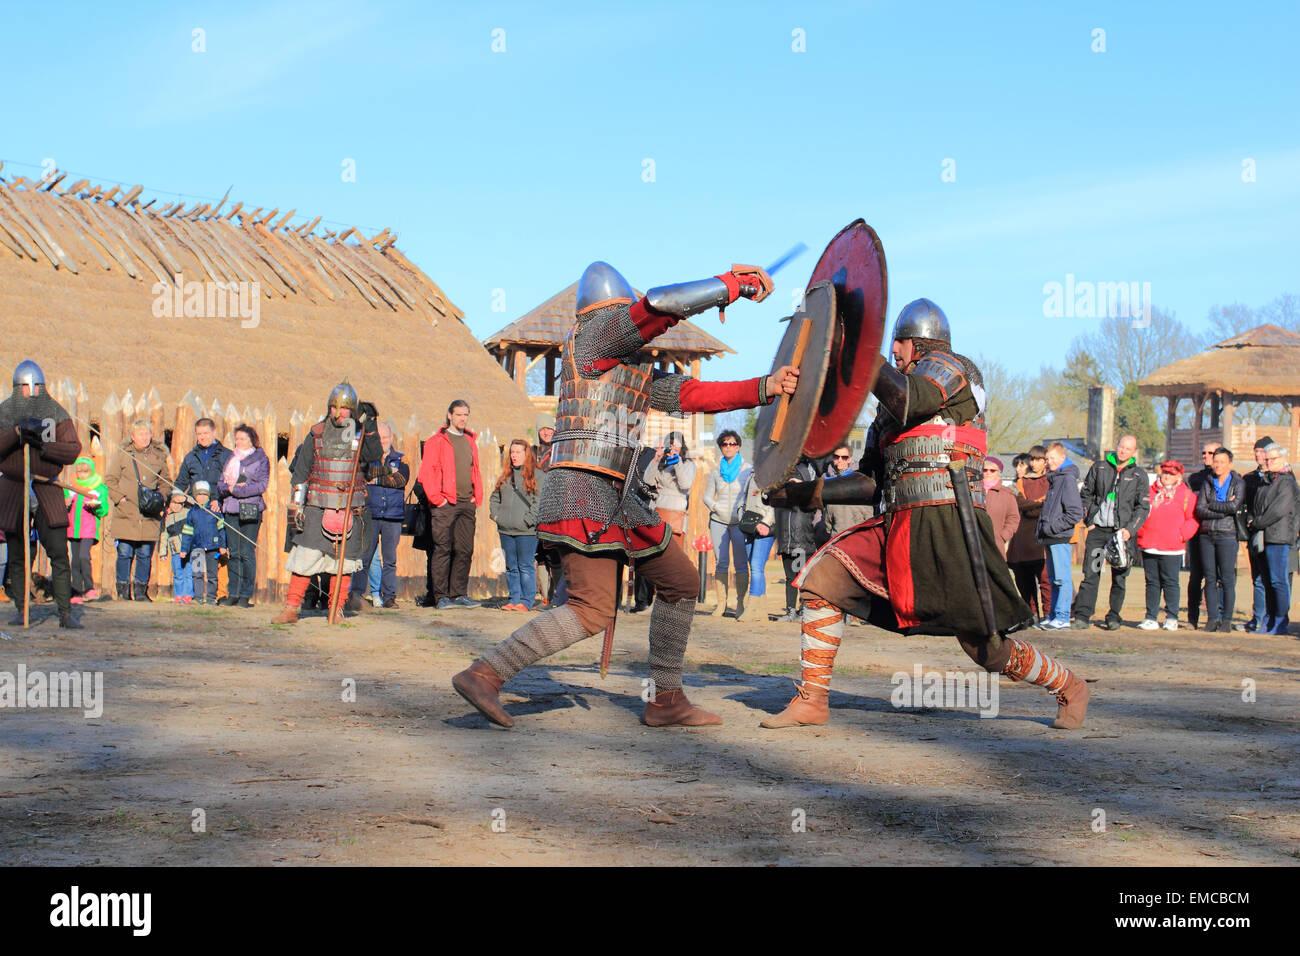 Kampf gegen Krieger mit schweren Schwertern und Räder, die Schlacht in Slawutowo Siedlung. Pommern, Polen. Stockbild